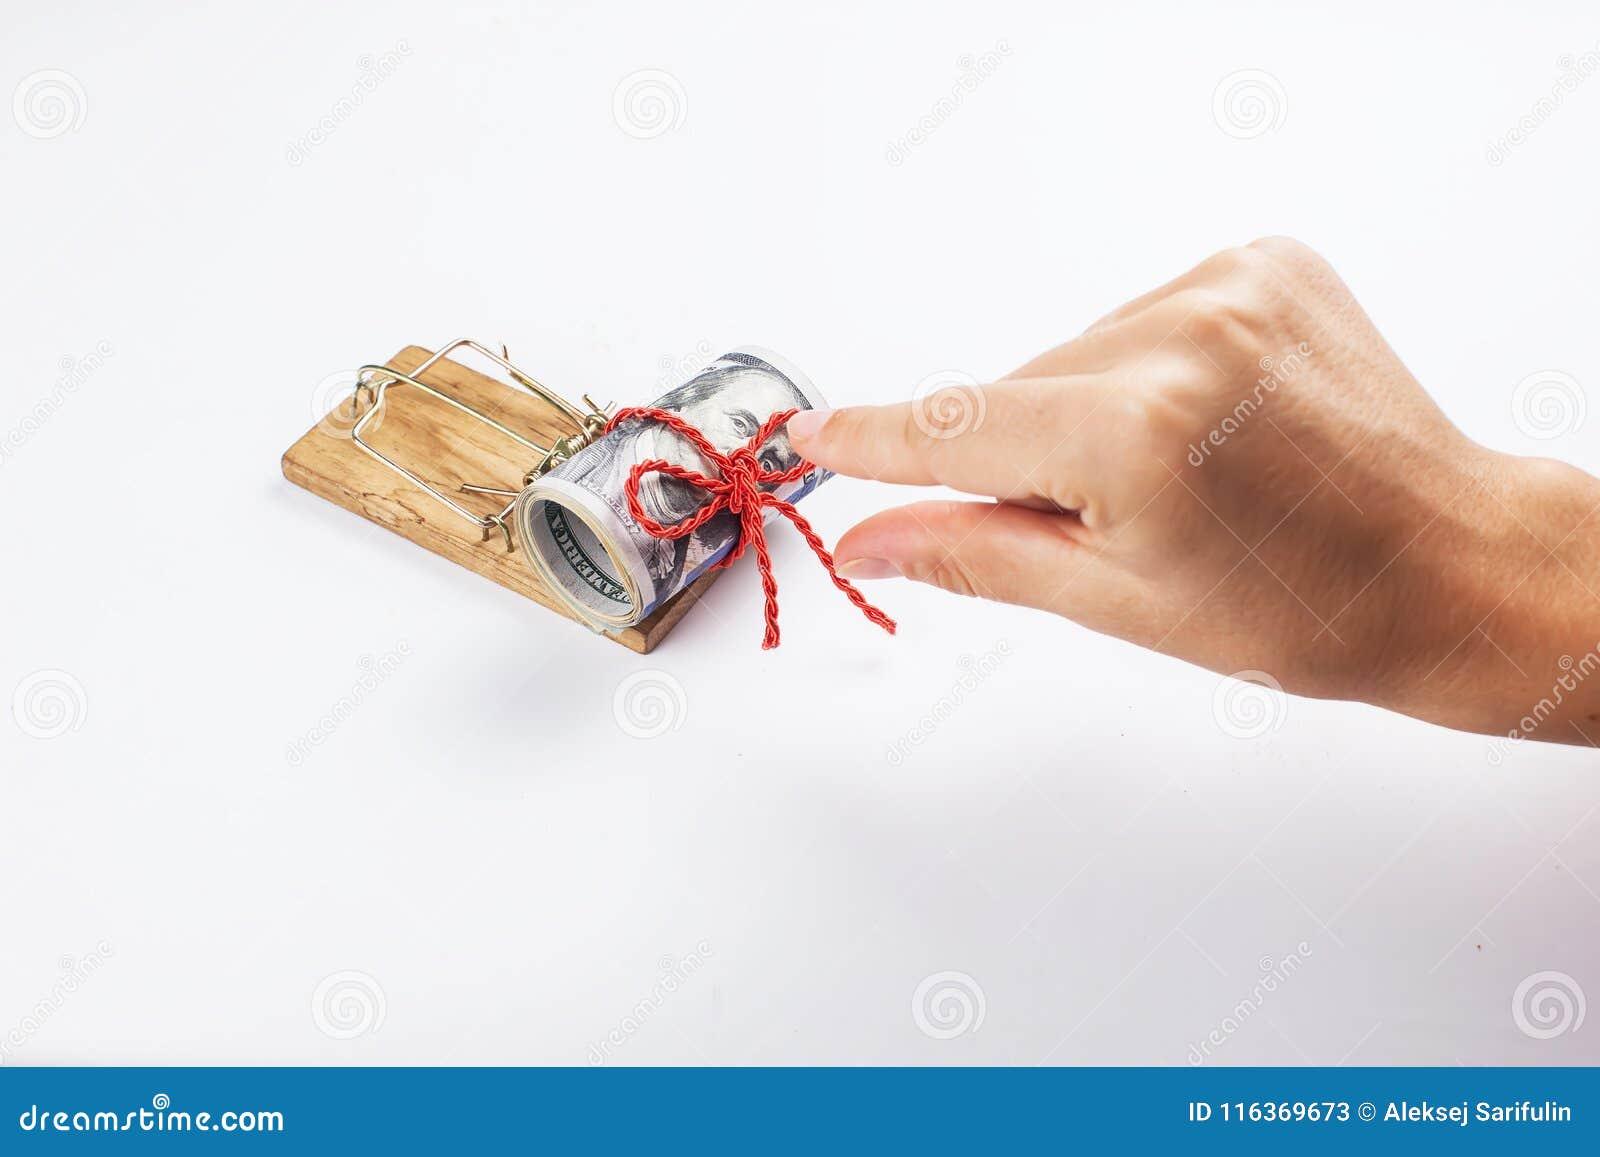 Pieniądze w mousetrap z ręką Na biały tle kobiety próby wp8lywy pieniądze myszy oklepiec